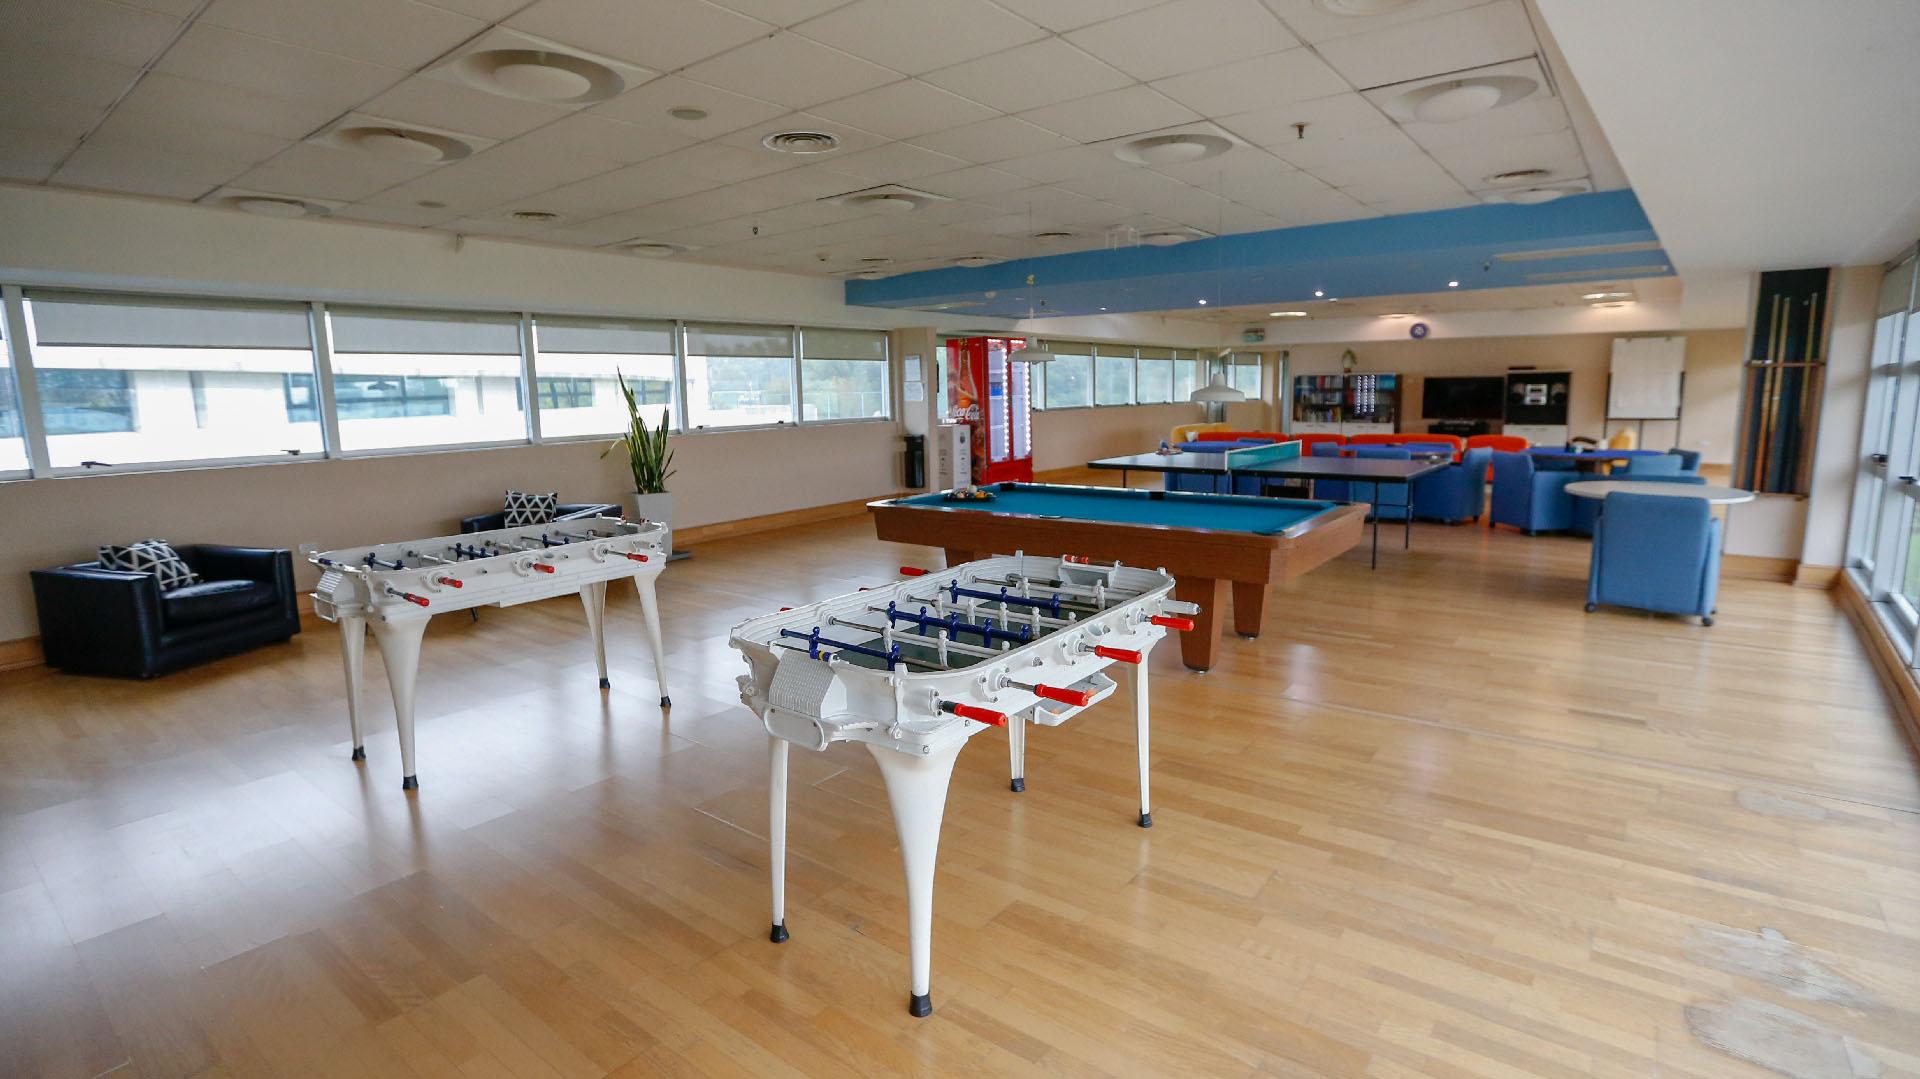 La sala de juegos cuenta con metegol, ping pong, pool y un led